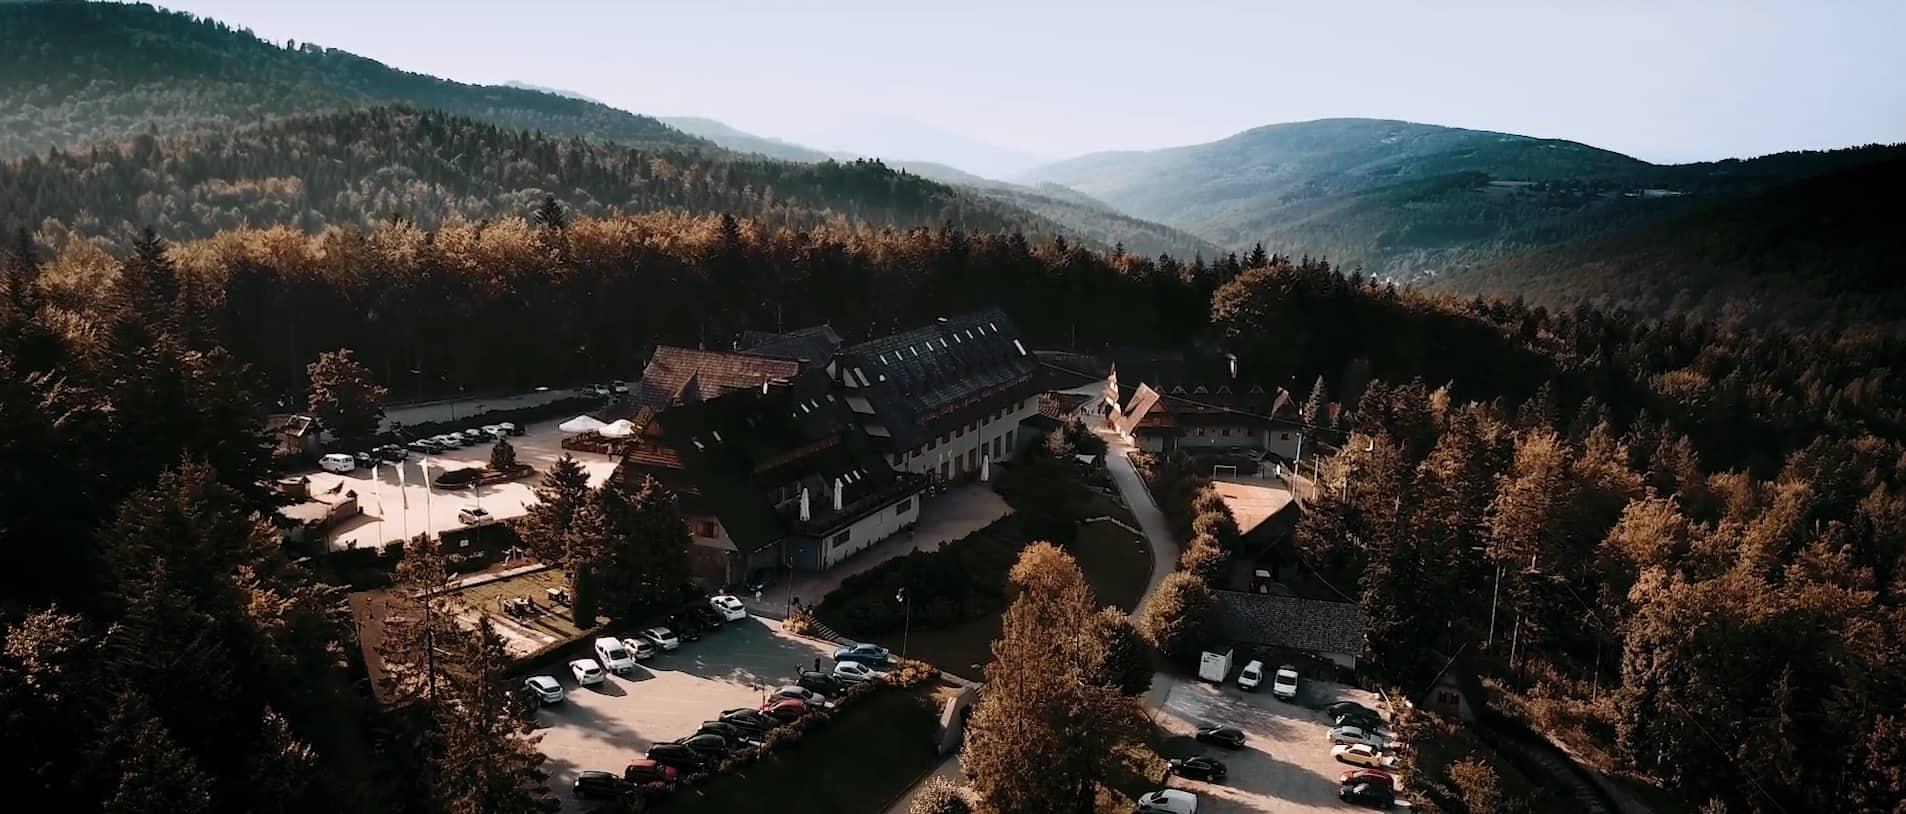 Hotel Kocierz - Ślub i Wesele w górach - fotografia film ślubny kamerzysta